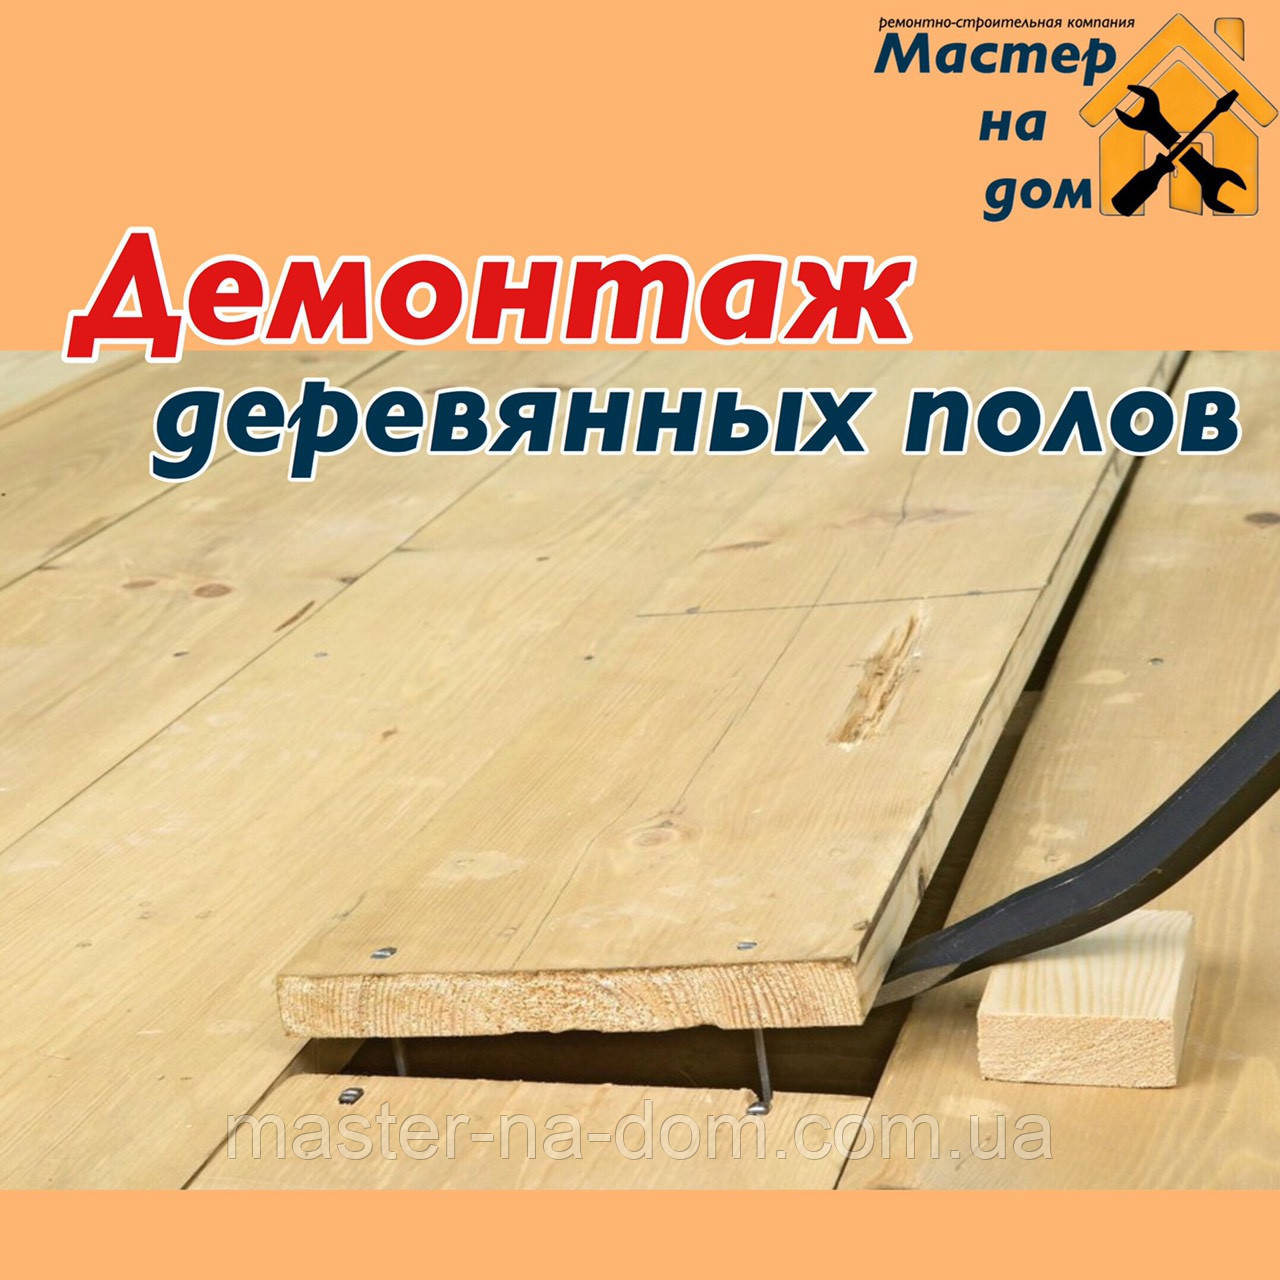 Демонтаж деревянных,паркетных полов в Ужгороде